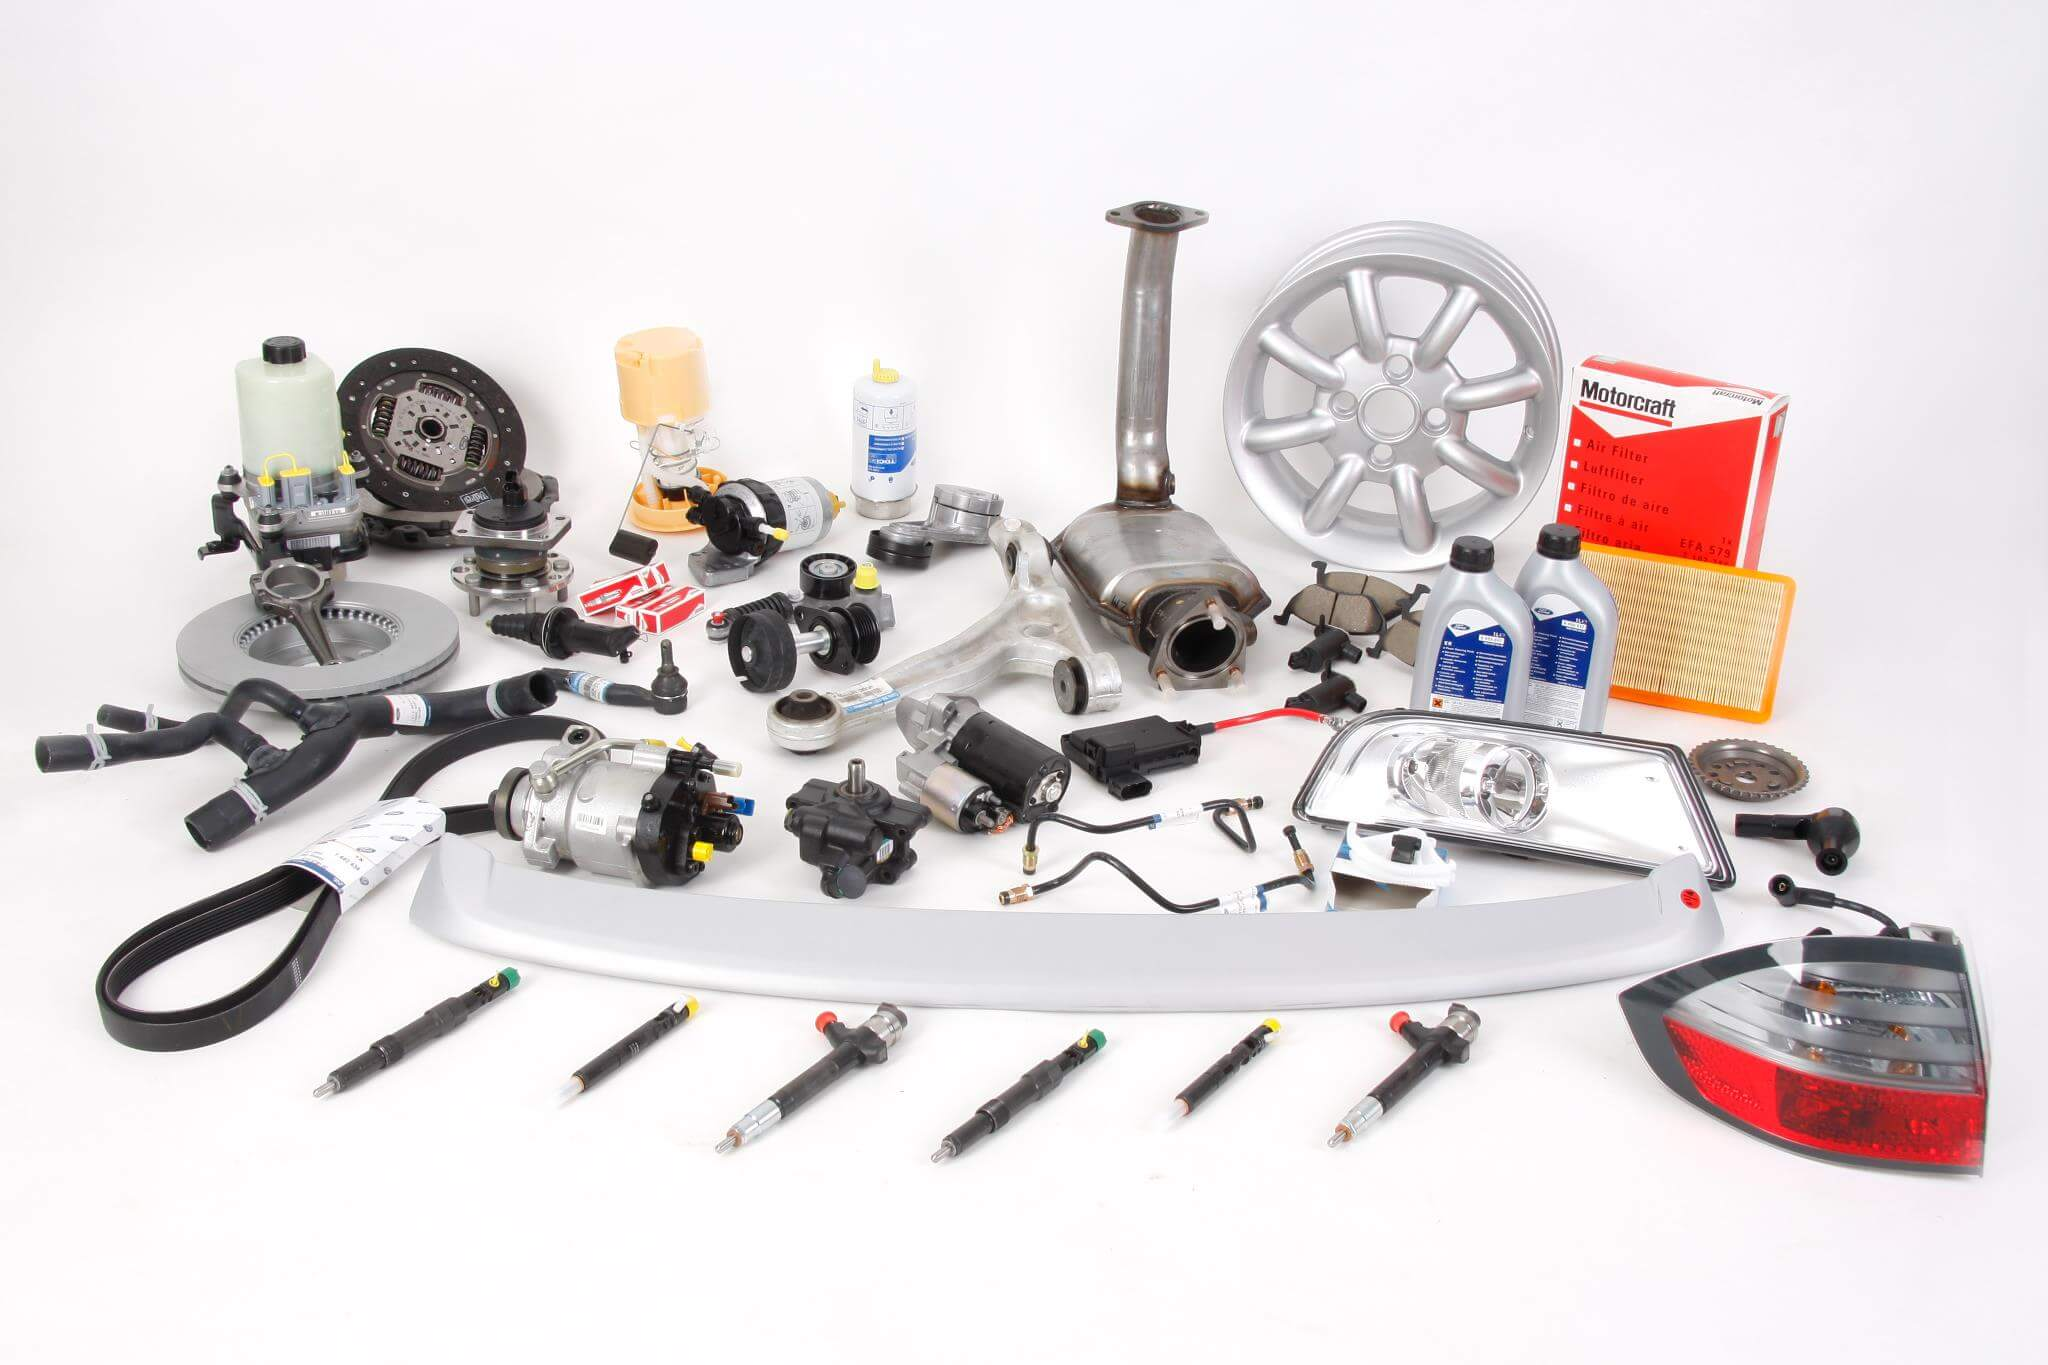 Diverse Autoteile der Firma genuine parts - Referenz World-of-edv Warenwirtschaft